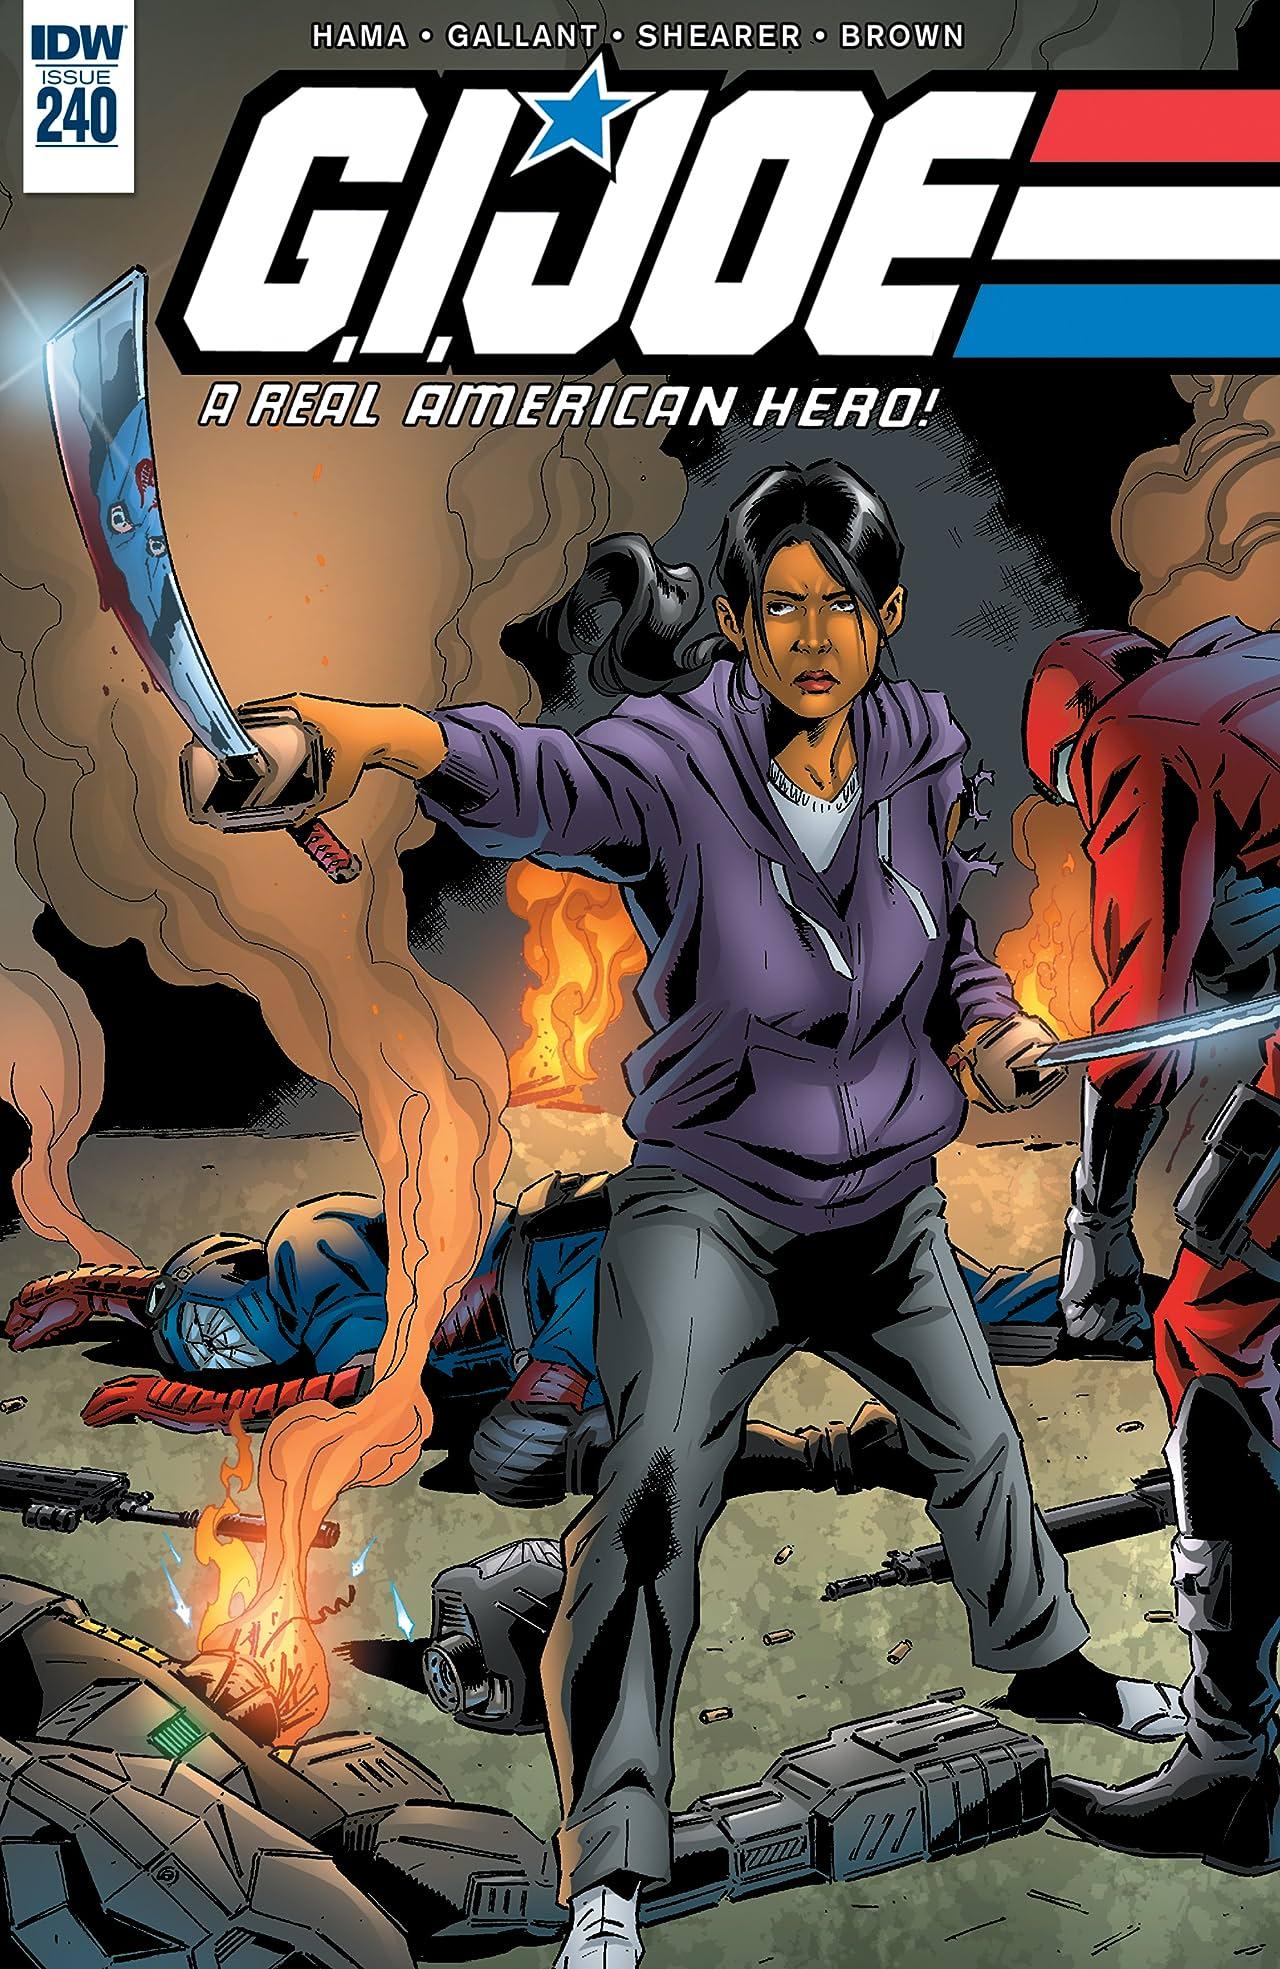 G.I. Joe: A Real American Hero #240